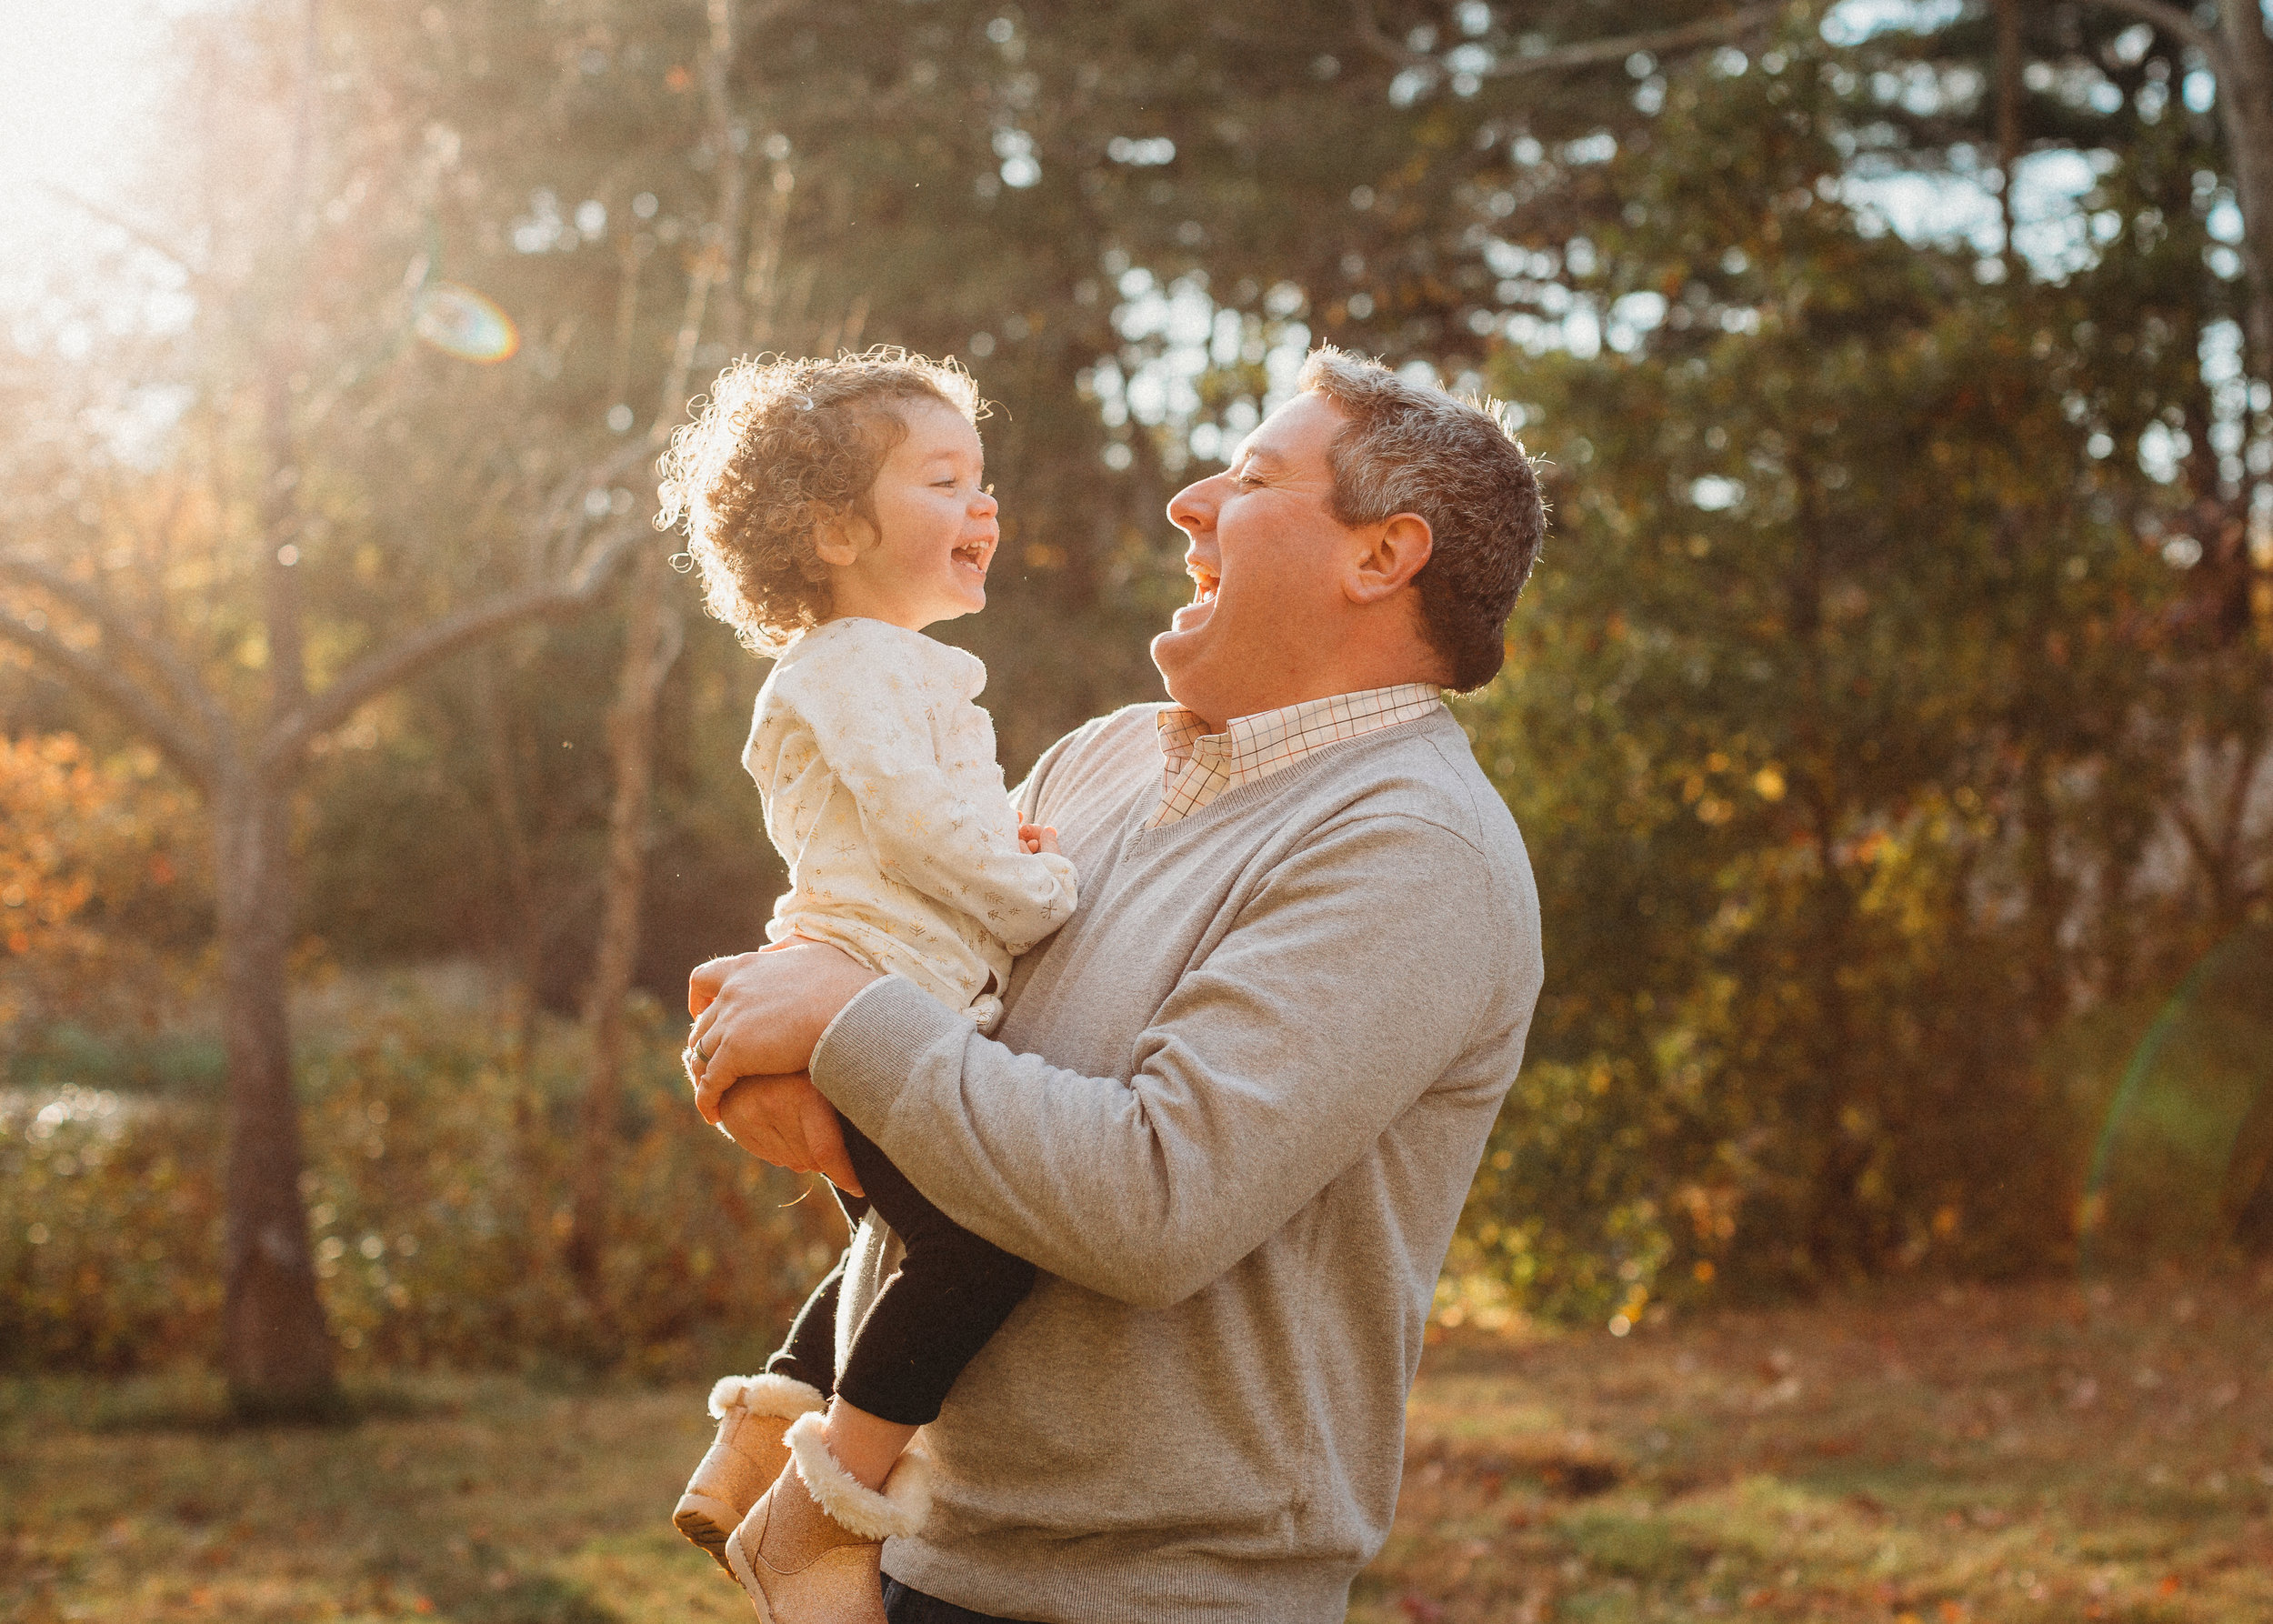 What-is-golden-hour-Joy-LeDuc-Boston-Family-Photographer.jpg